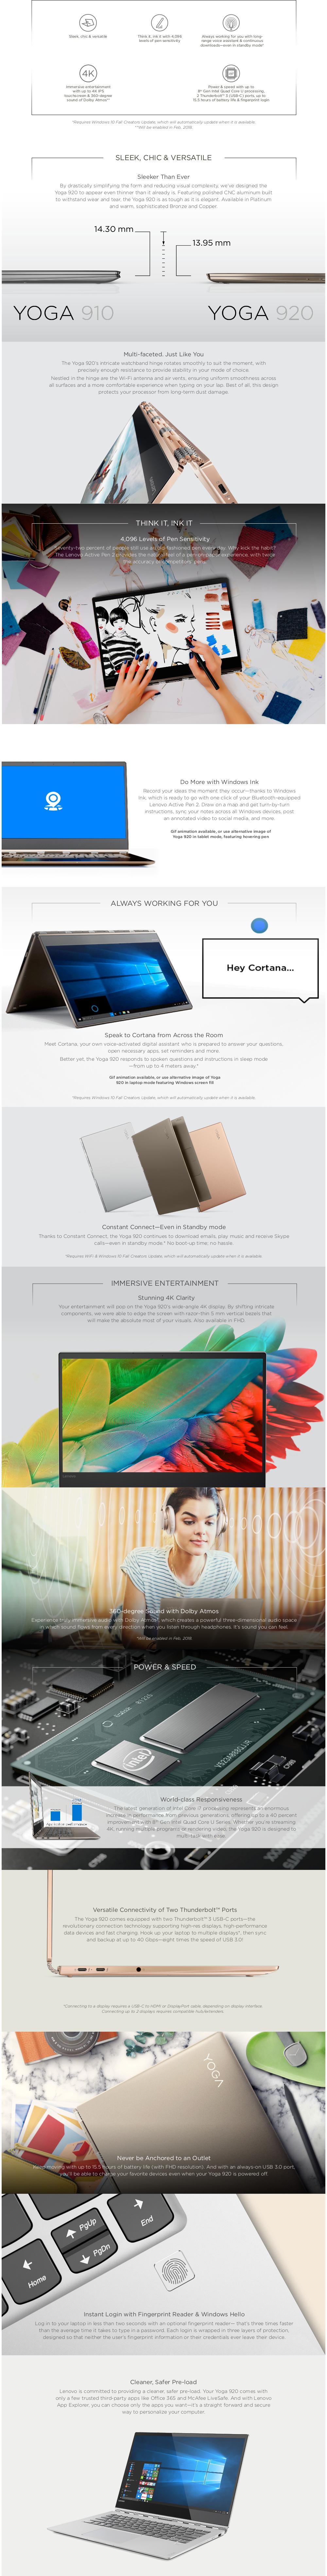 Lenovo YOGA 920-13 80Y700AYSB i7-8550U 16G 512SSD